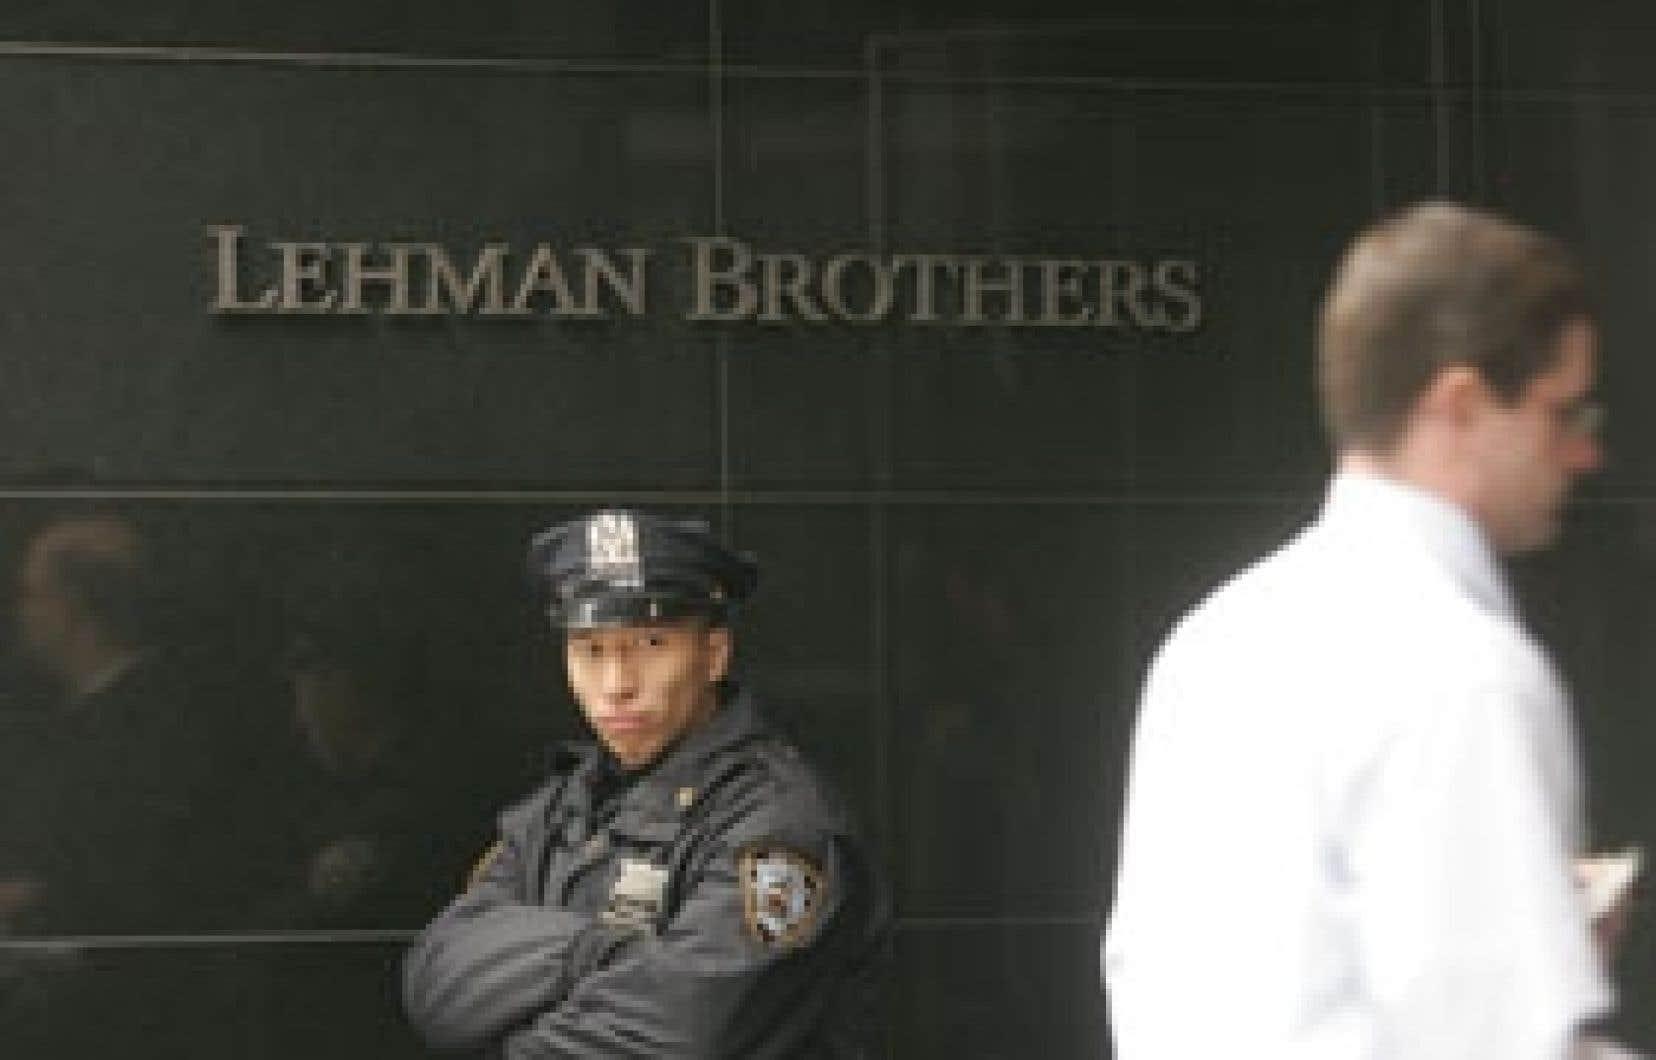 Lehman Brothers fait face depuis des mois à un mouvement de méfiance des marchés financiers.